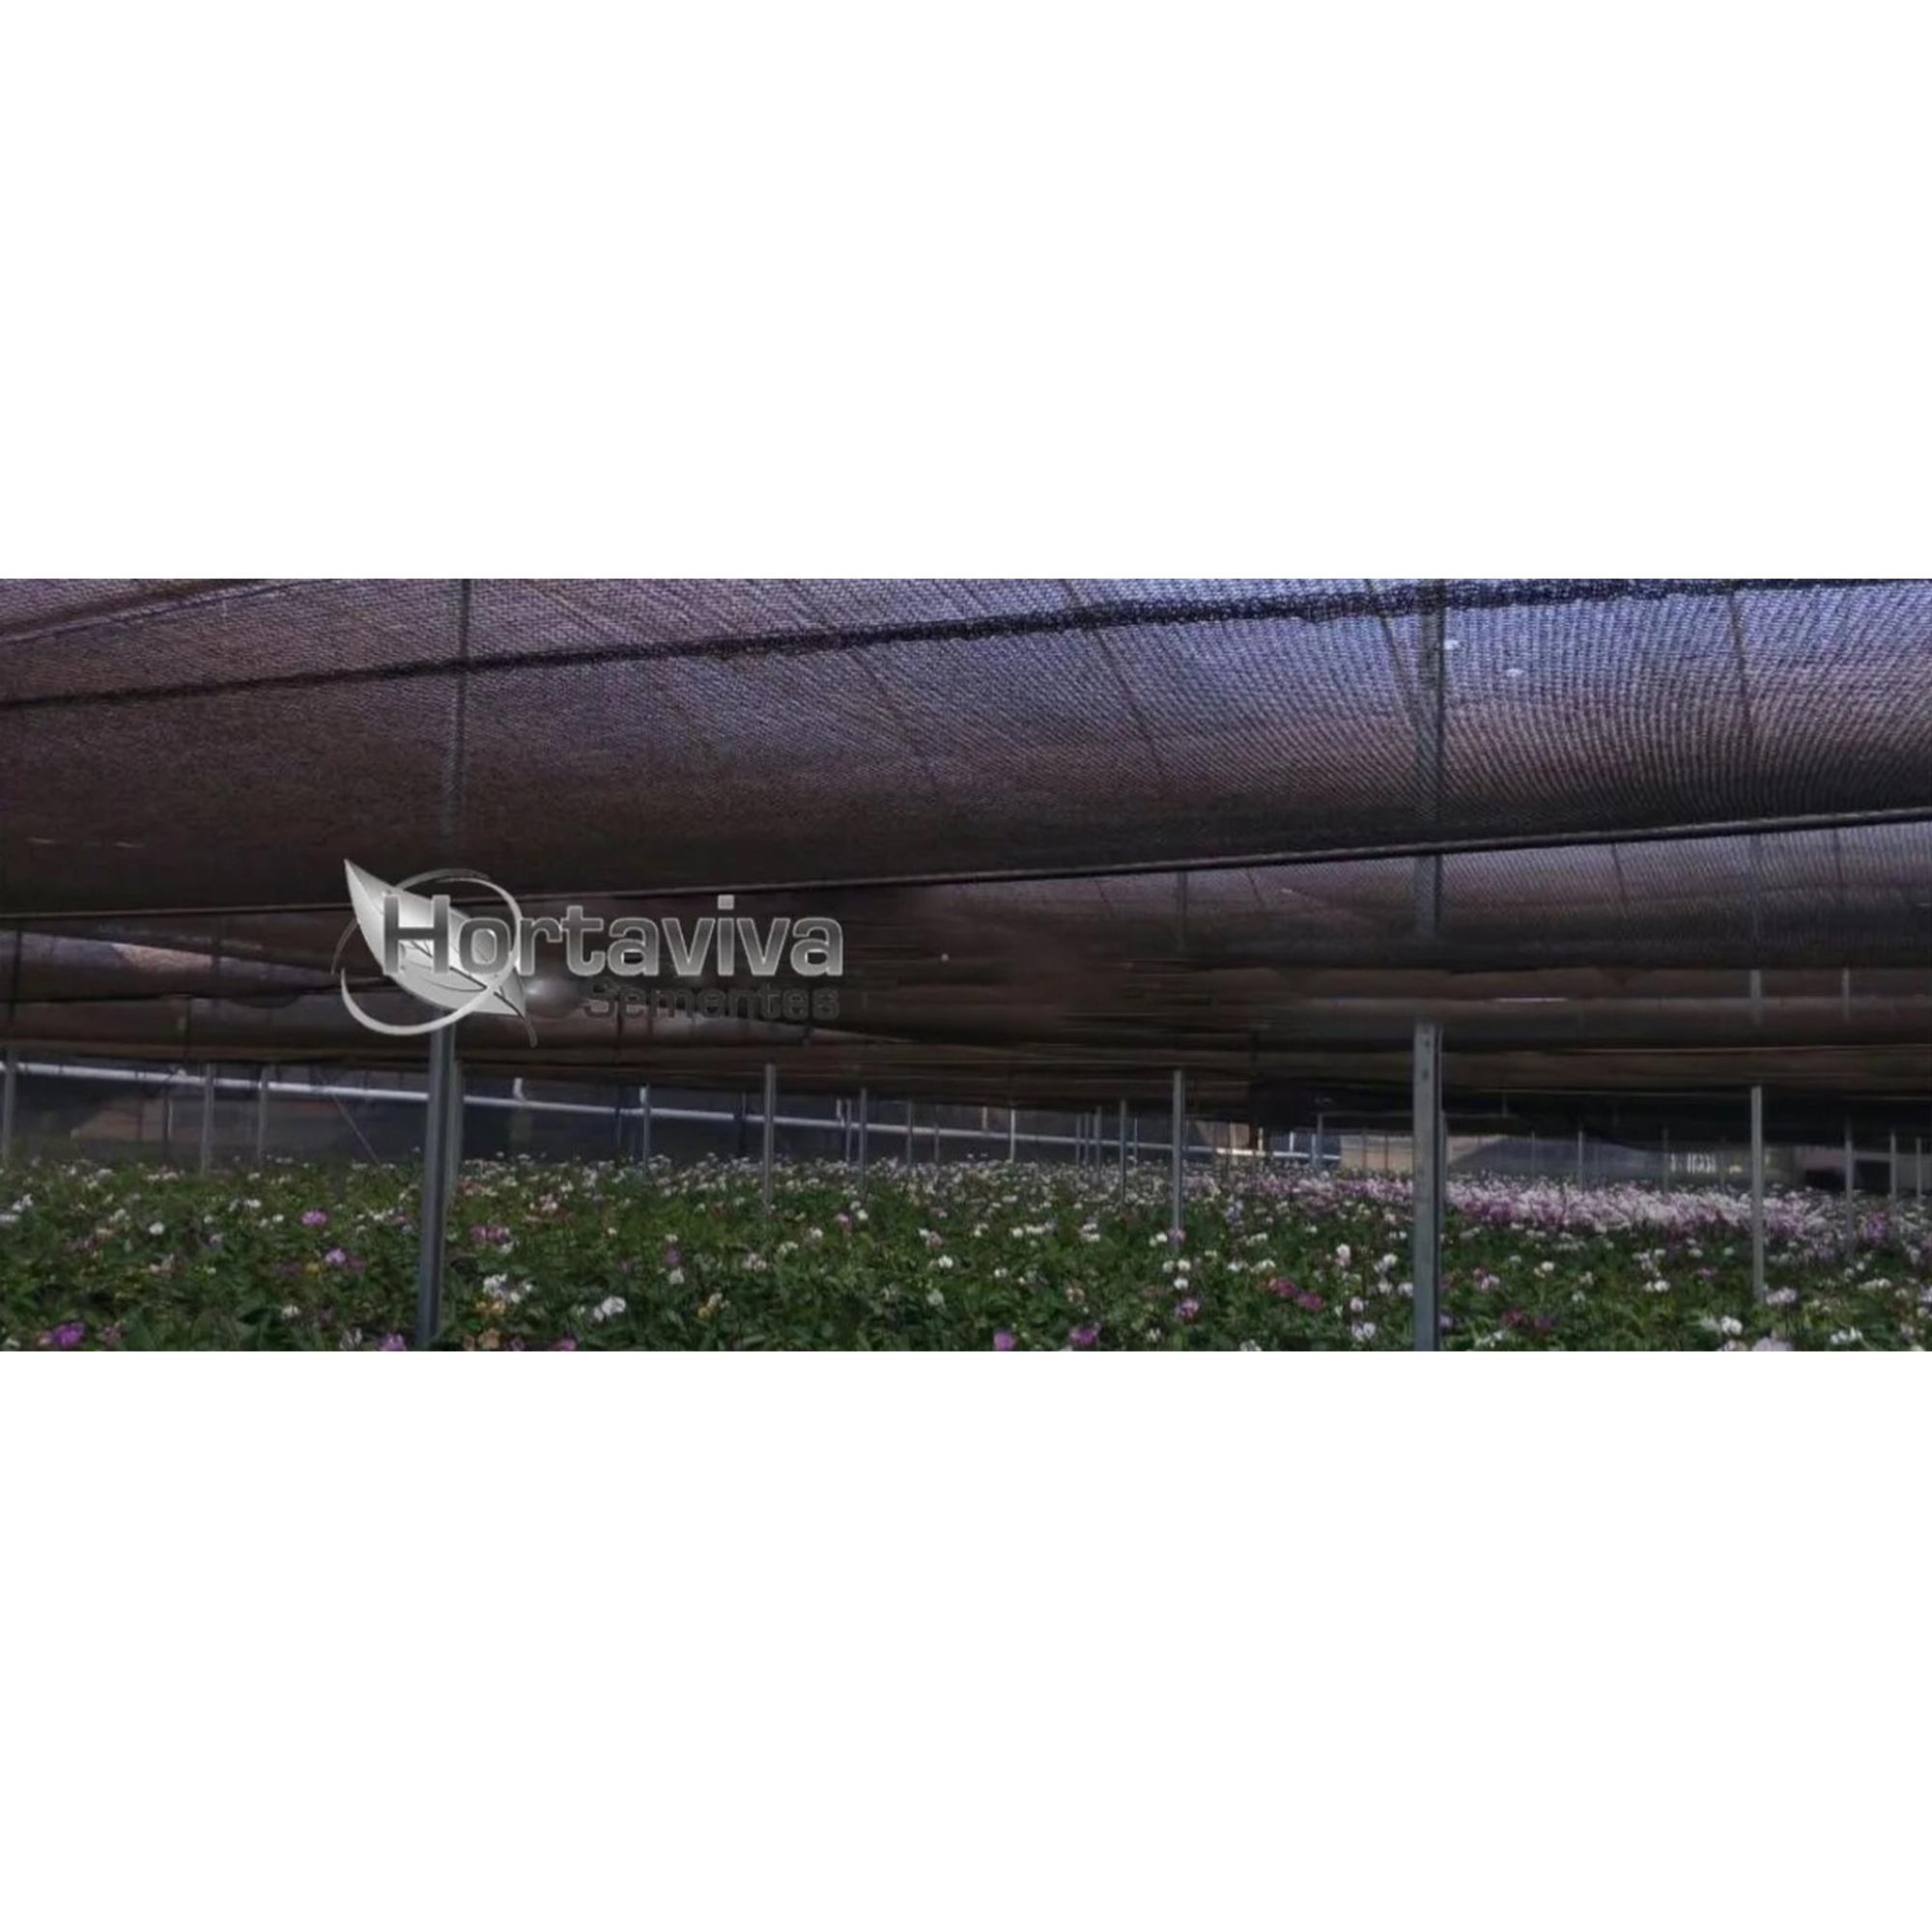 Tela de Sombreamento Preta 50% - 2 Metros x 100 Metros